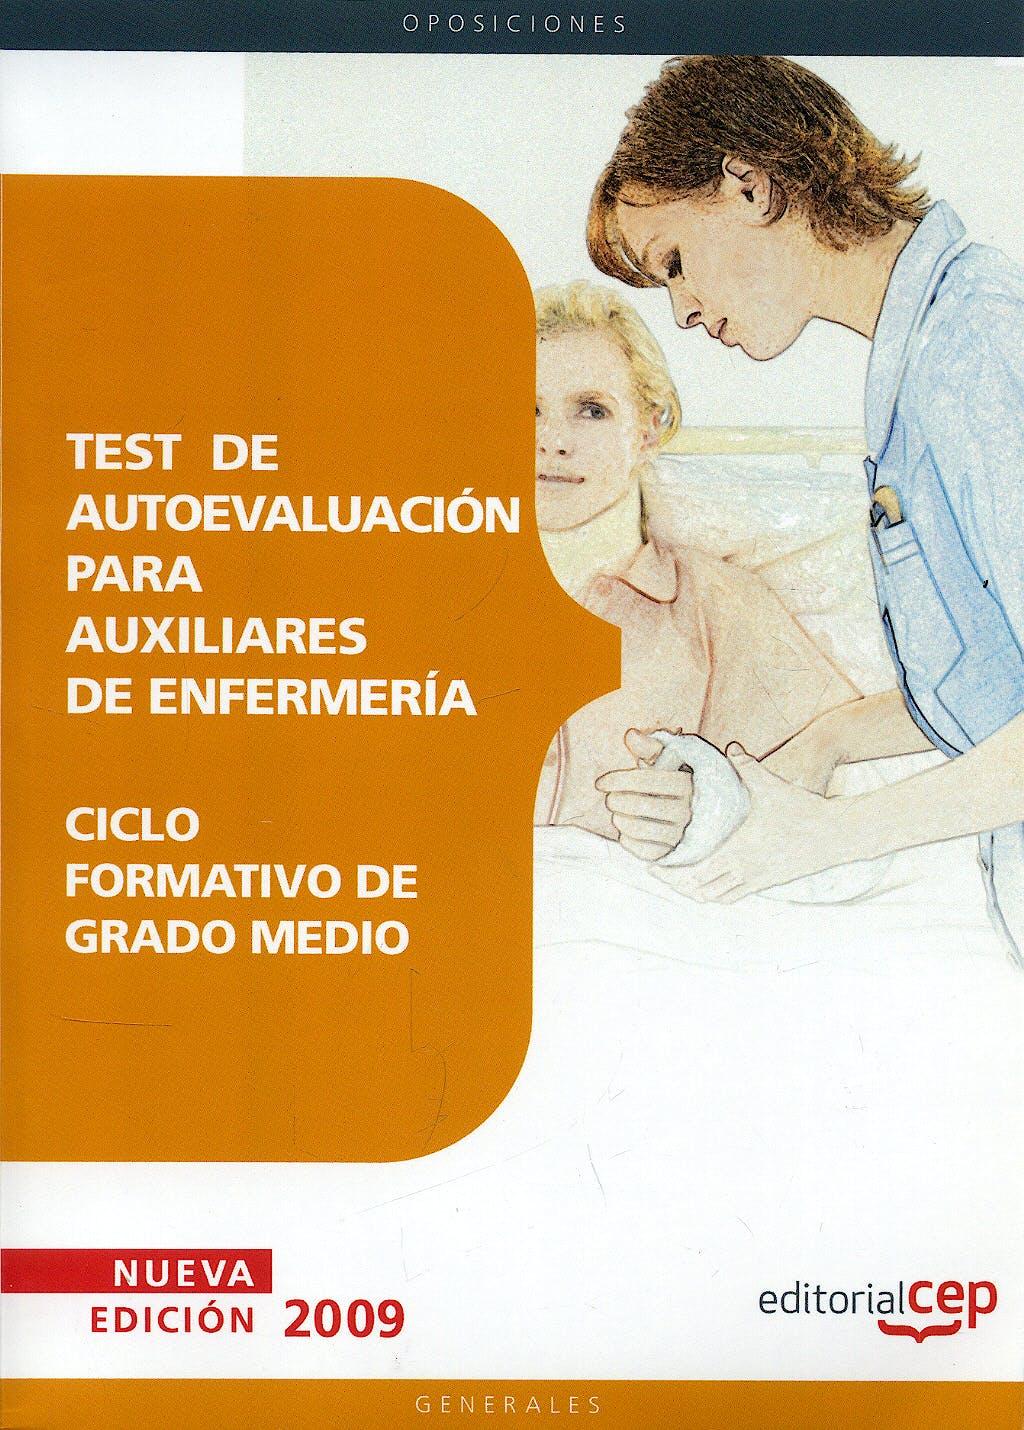 Producto: Test de Autoevaluacion para Auxiliares de Enfermeria ...